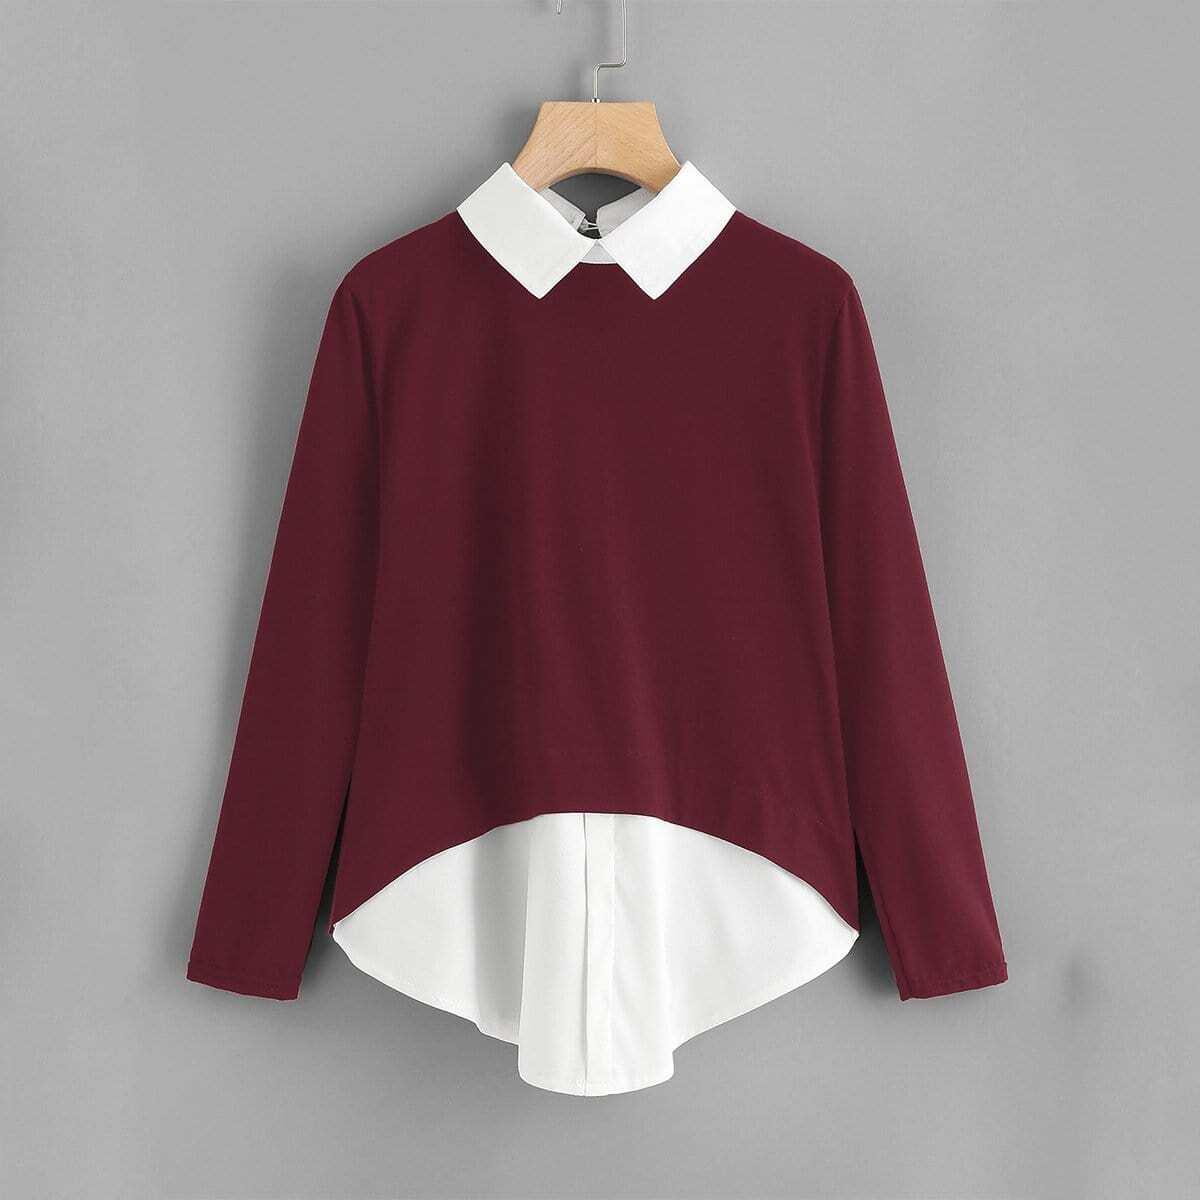 2 in 1 sweatshirt